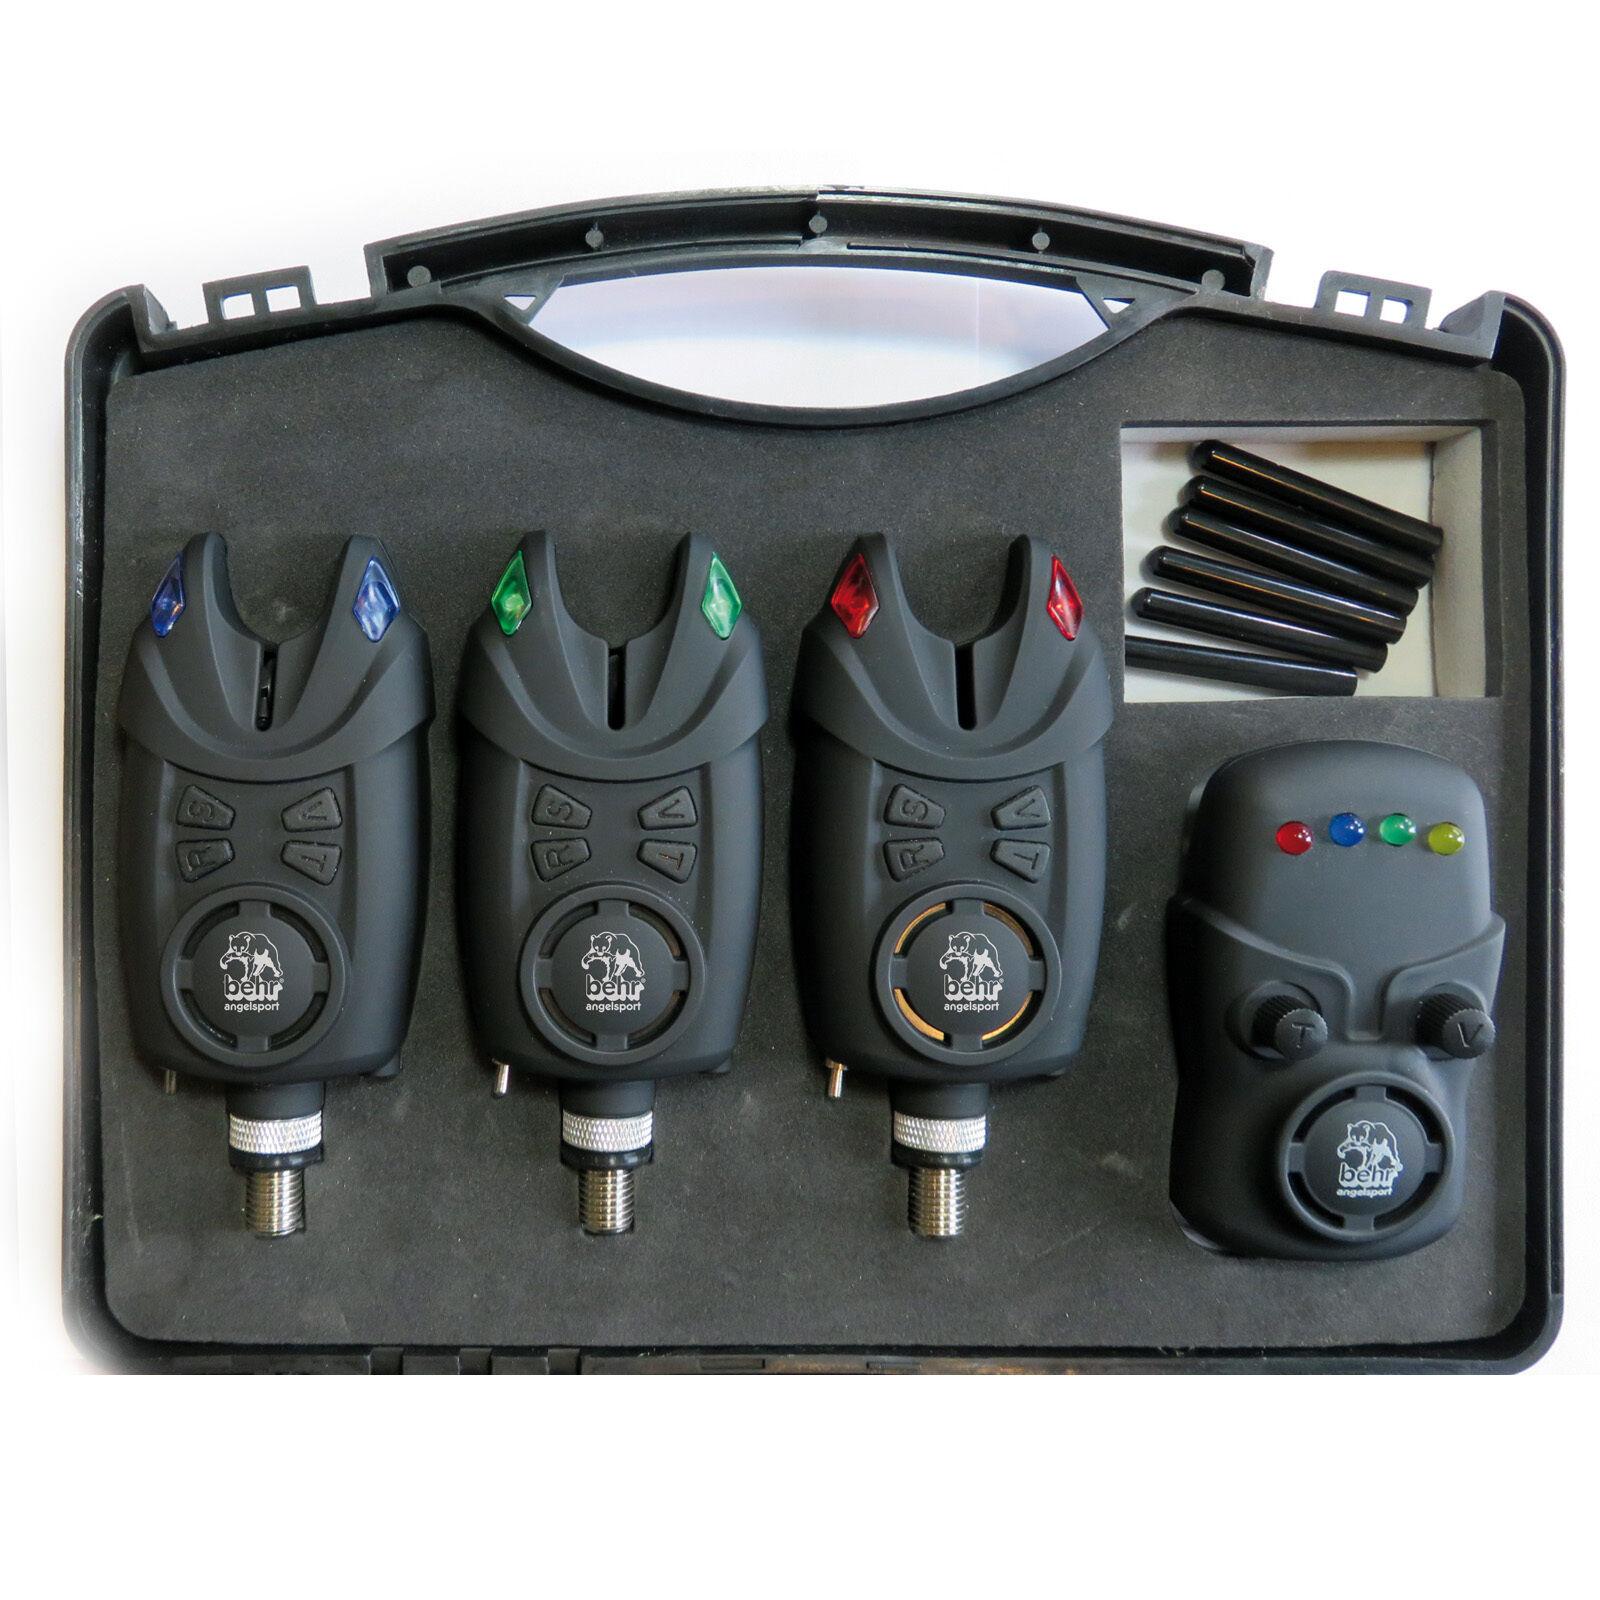 Behr Bissanzeiger Set  Eurobite Deluxe Funk bissanzeiger bissanzeiger bissanzeiger Set 42-11699 c81620